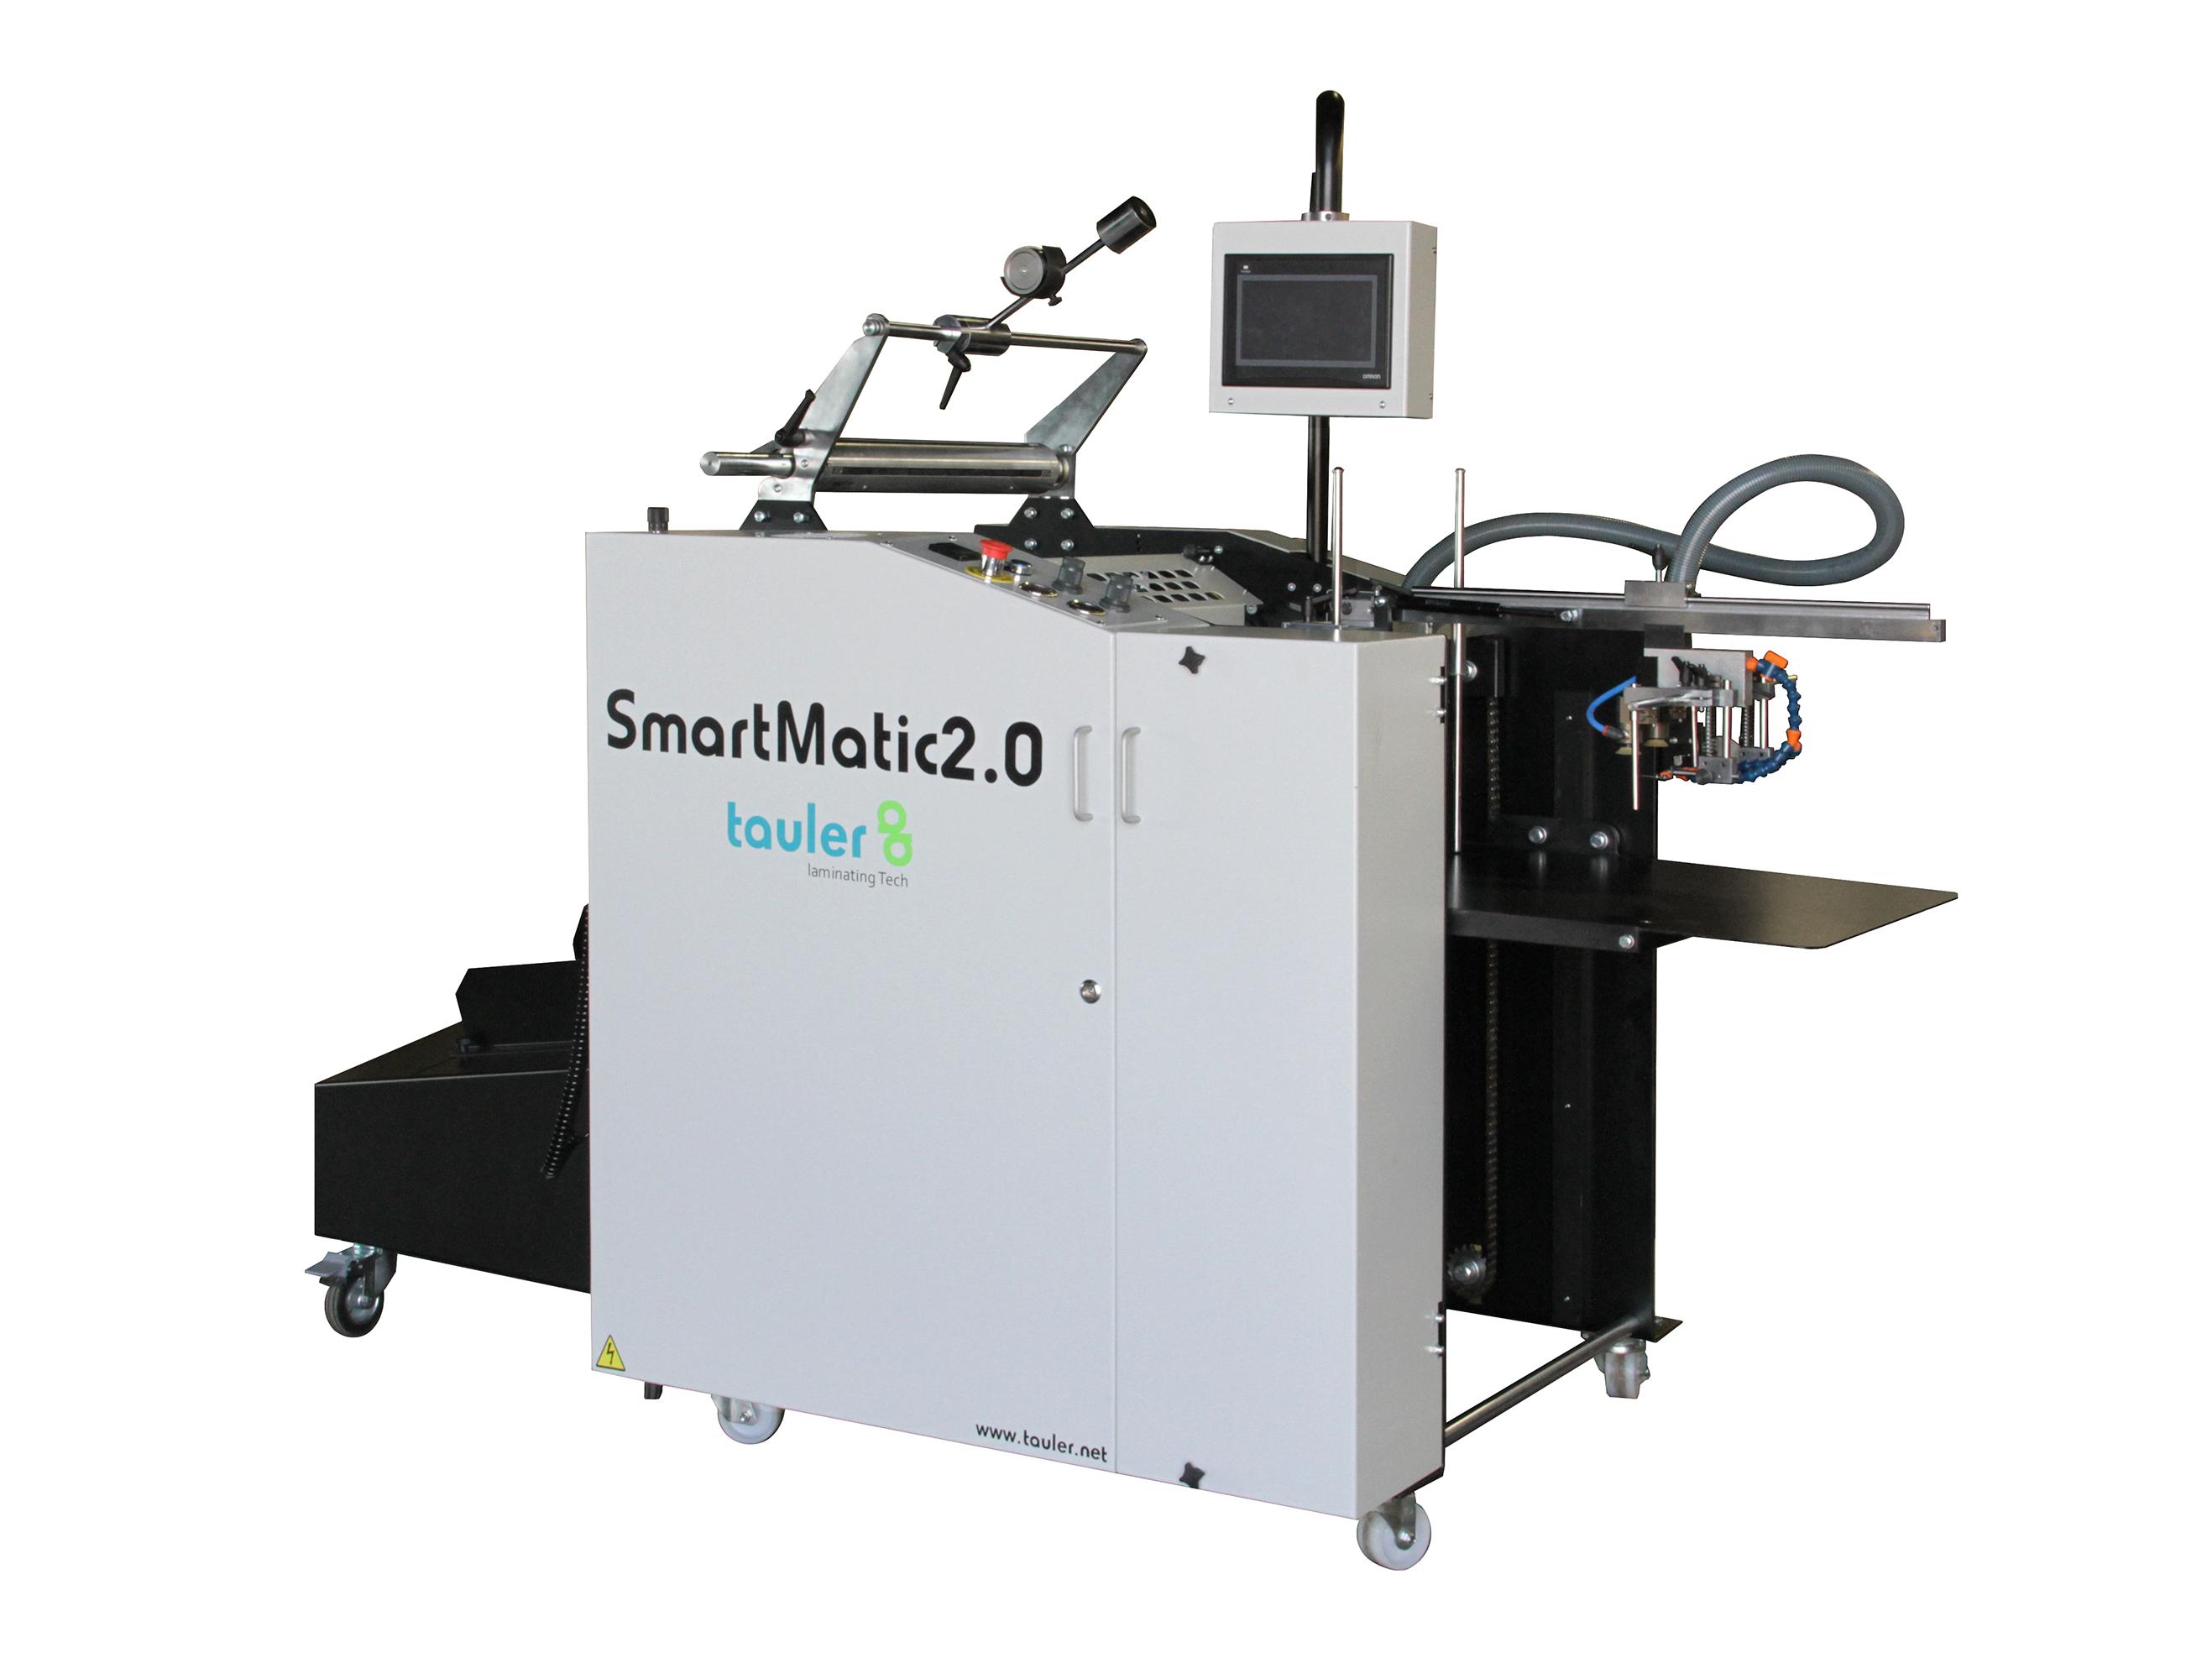 SmartMatic 2.0